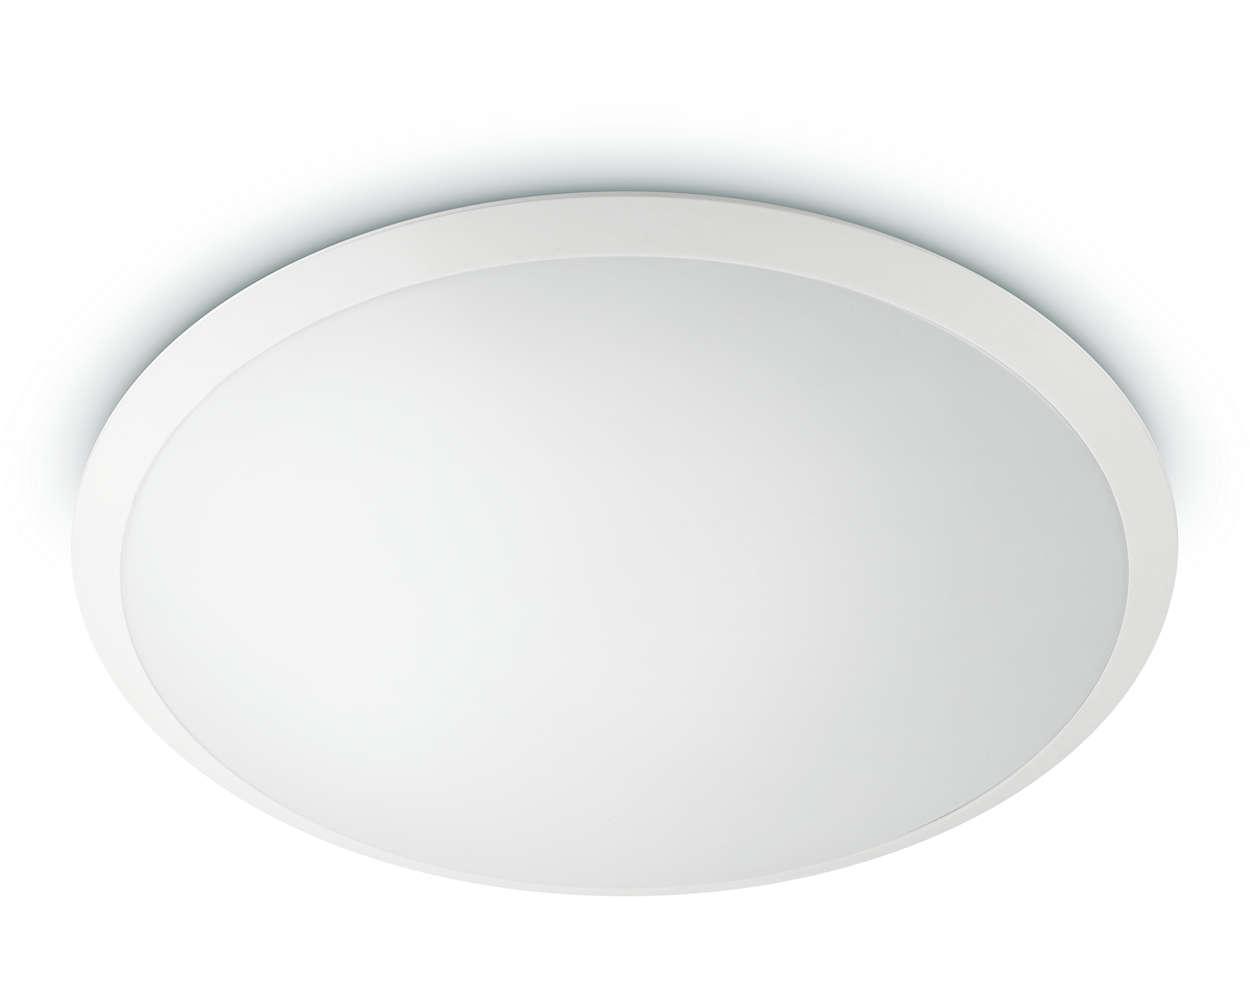 Lampada da soffitto 3182231p5 philips - Philips illuminazione casa ...